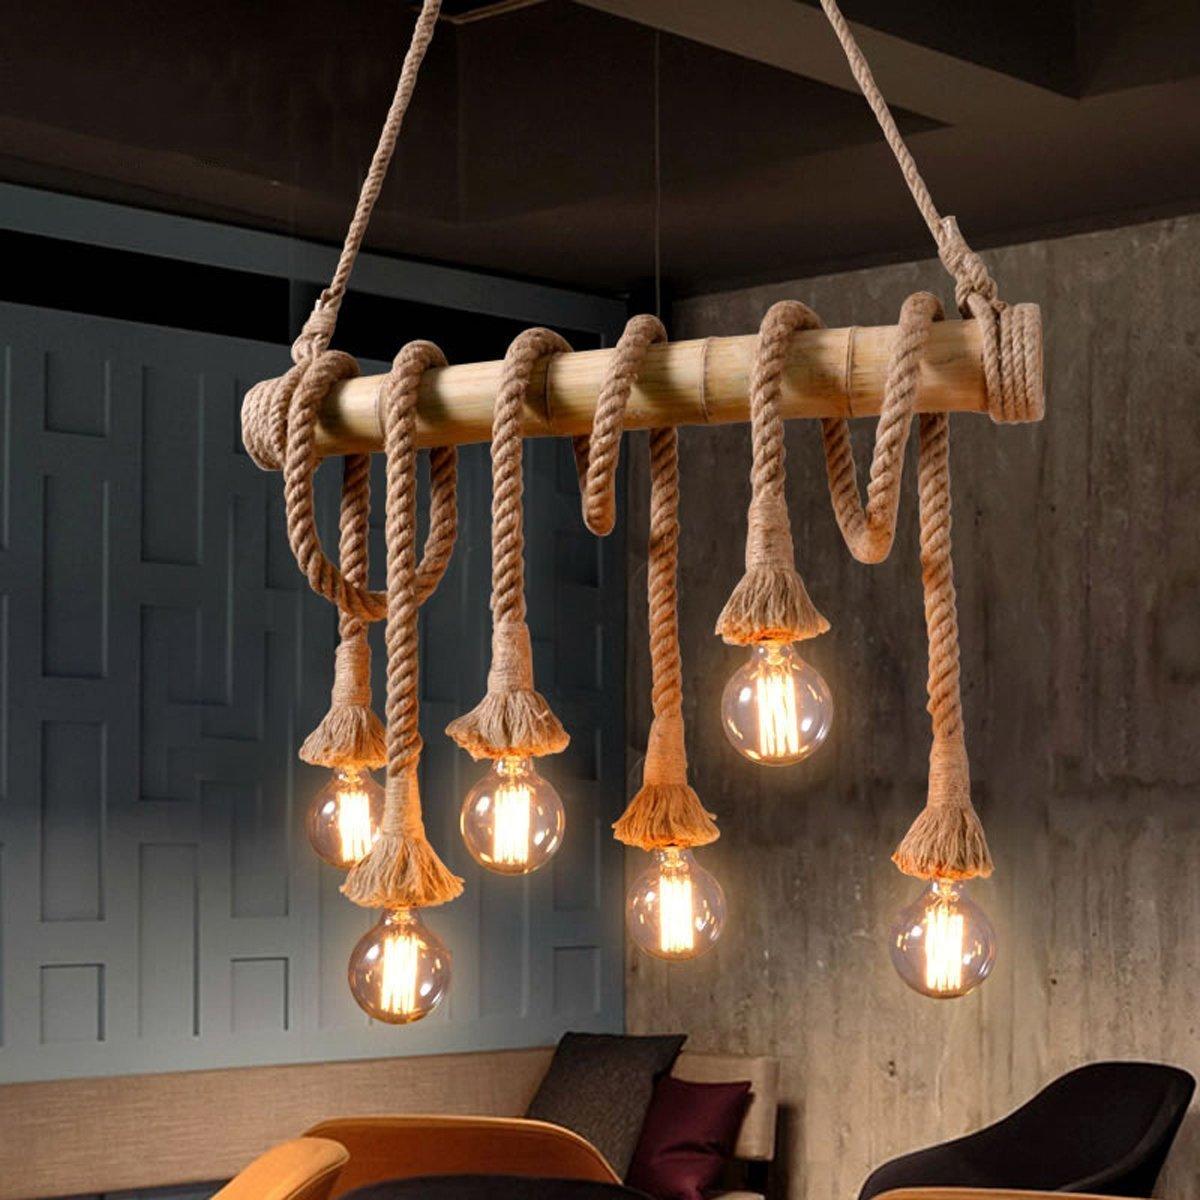 Hanglamp Met Touw.Bol Com Touw Hanglamp Hout 6 Lampen Flexibel Touw